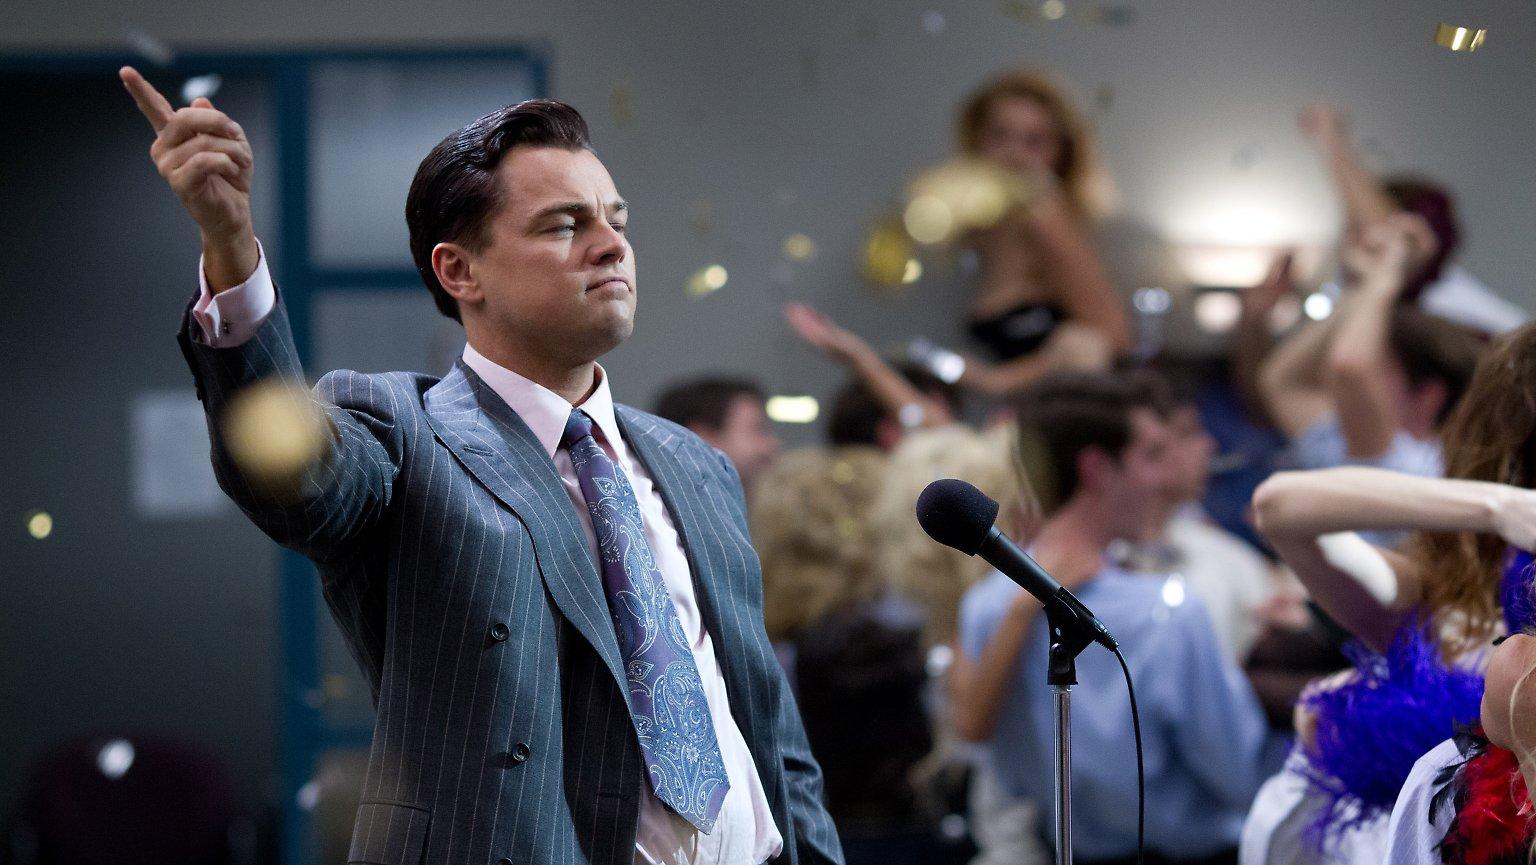 Çok tartışmalar yaratan bu filmde, Leonardo Di Caprio Jordan Belford'u oynamak için bir akademi ödülü kazanmamış olabilir.